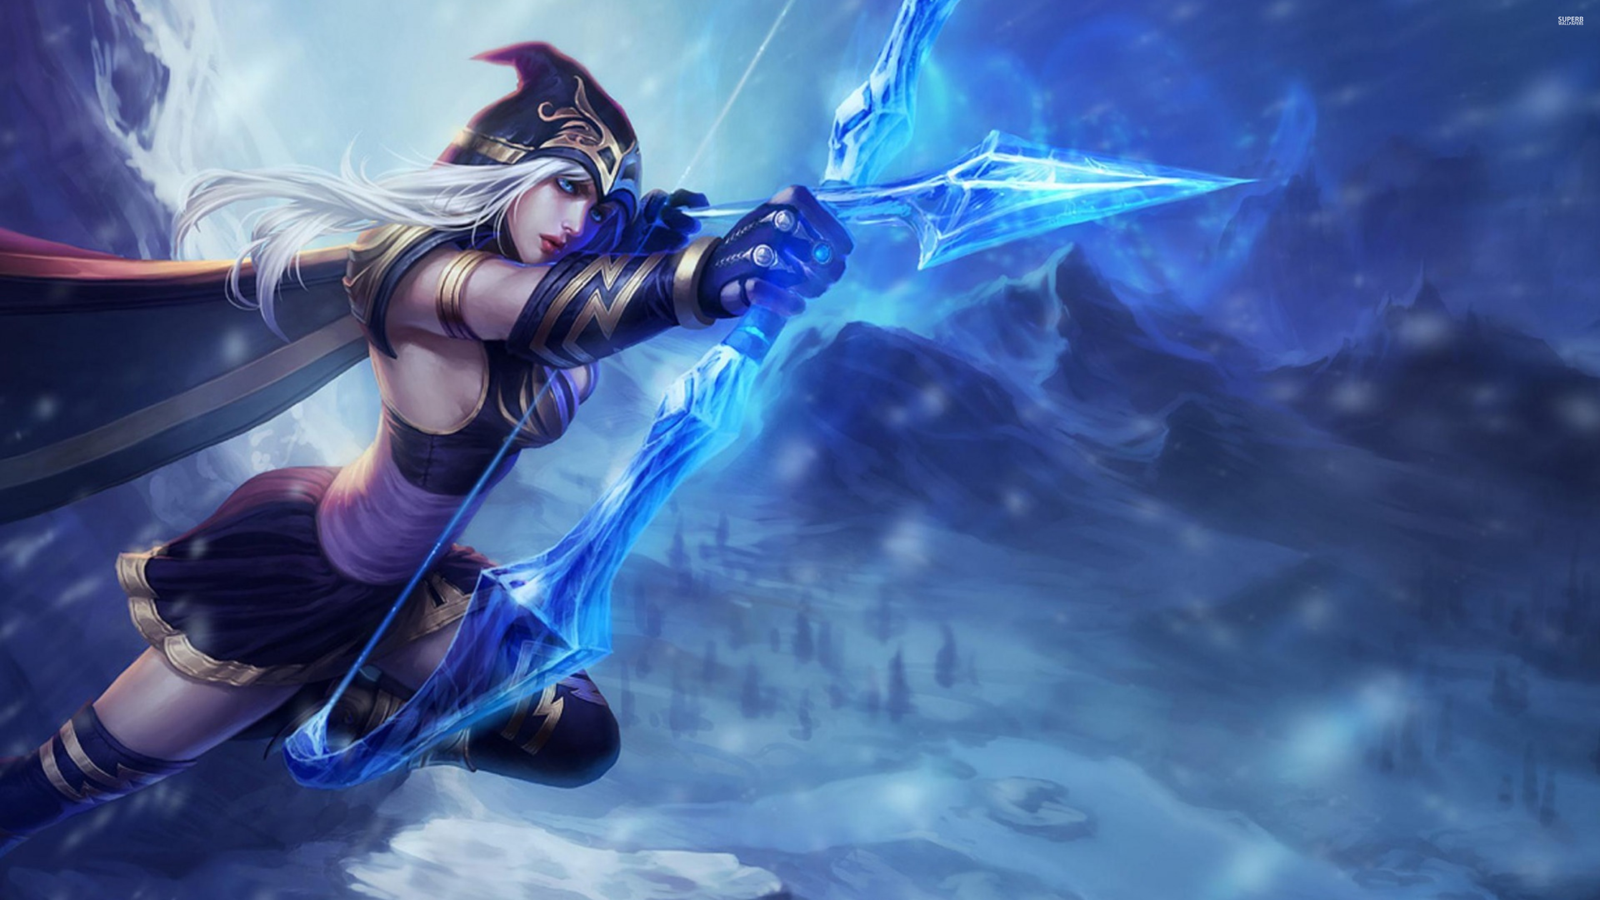 Wallpaper download miss u - Ashe League Of Legends Fan Art Art Of Lol